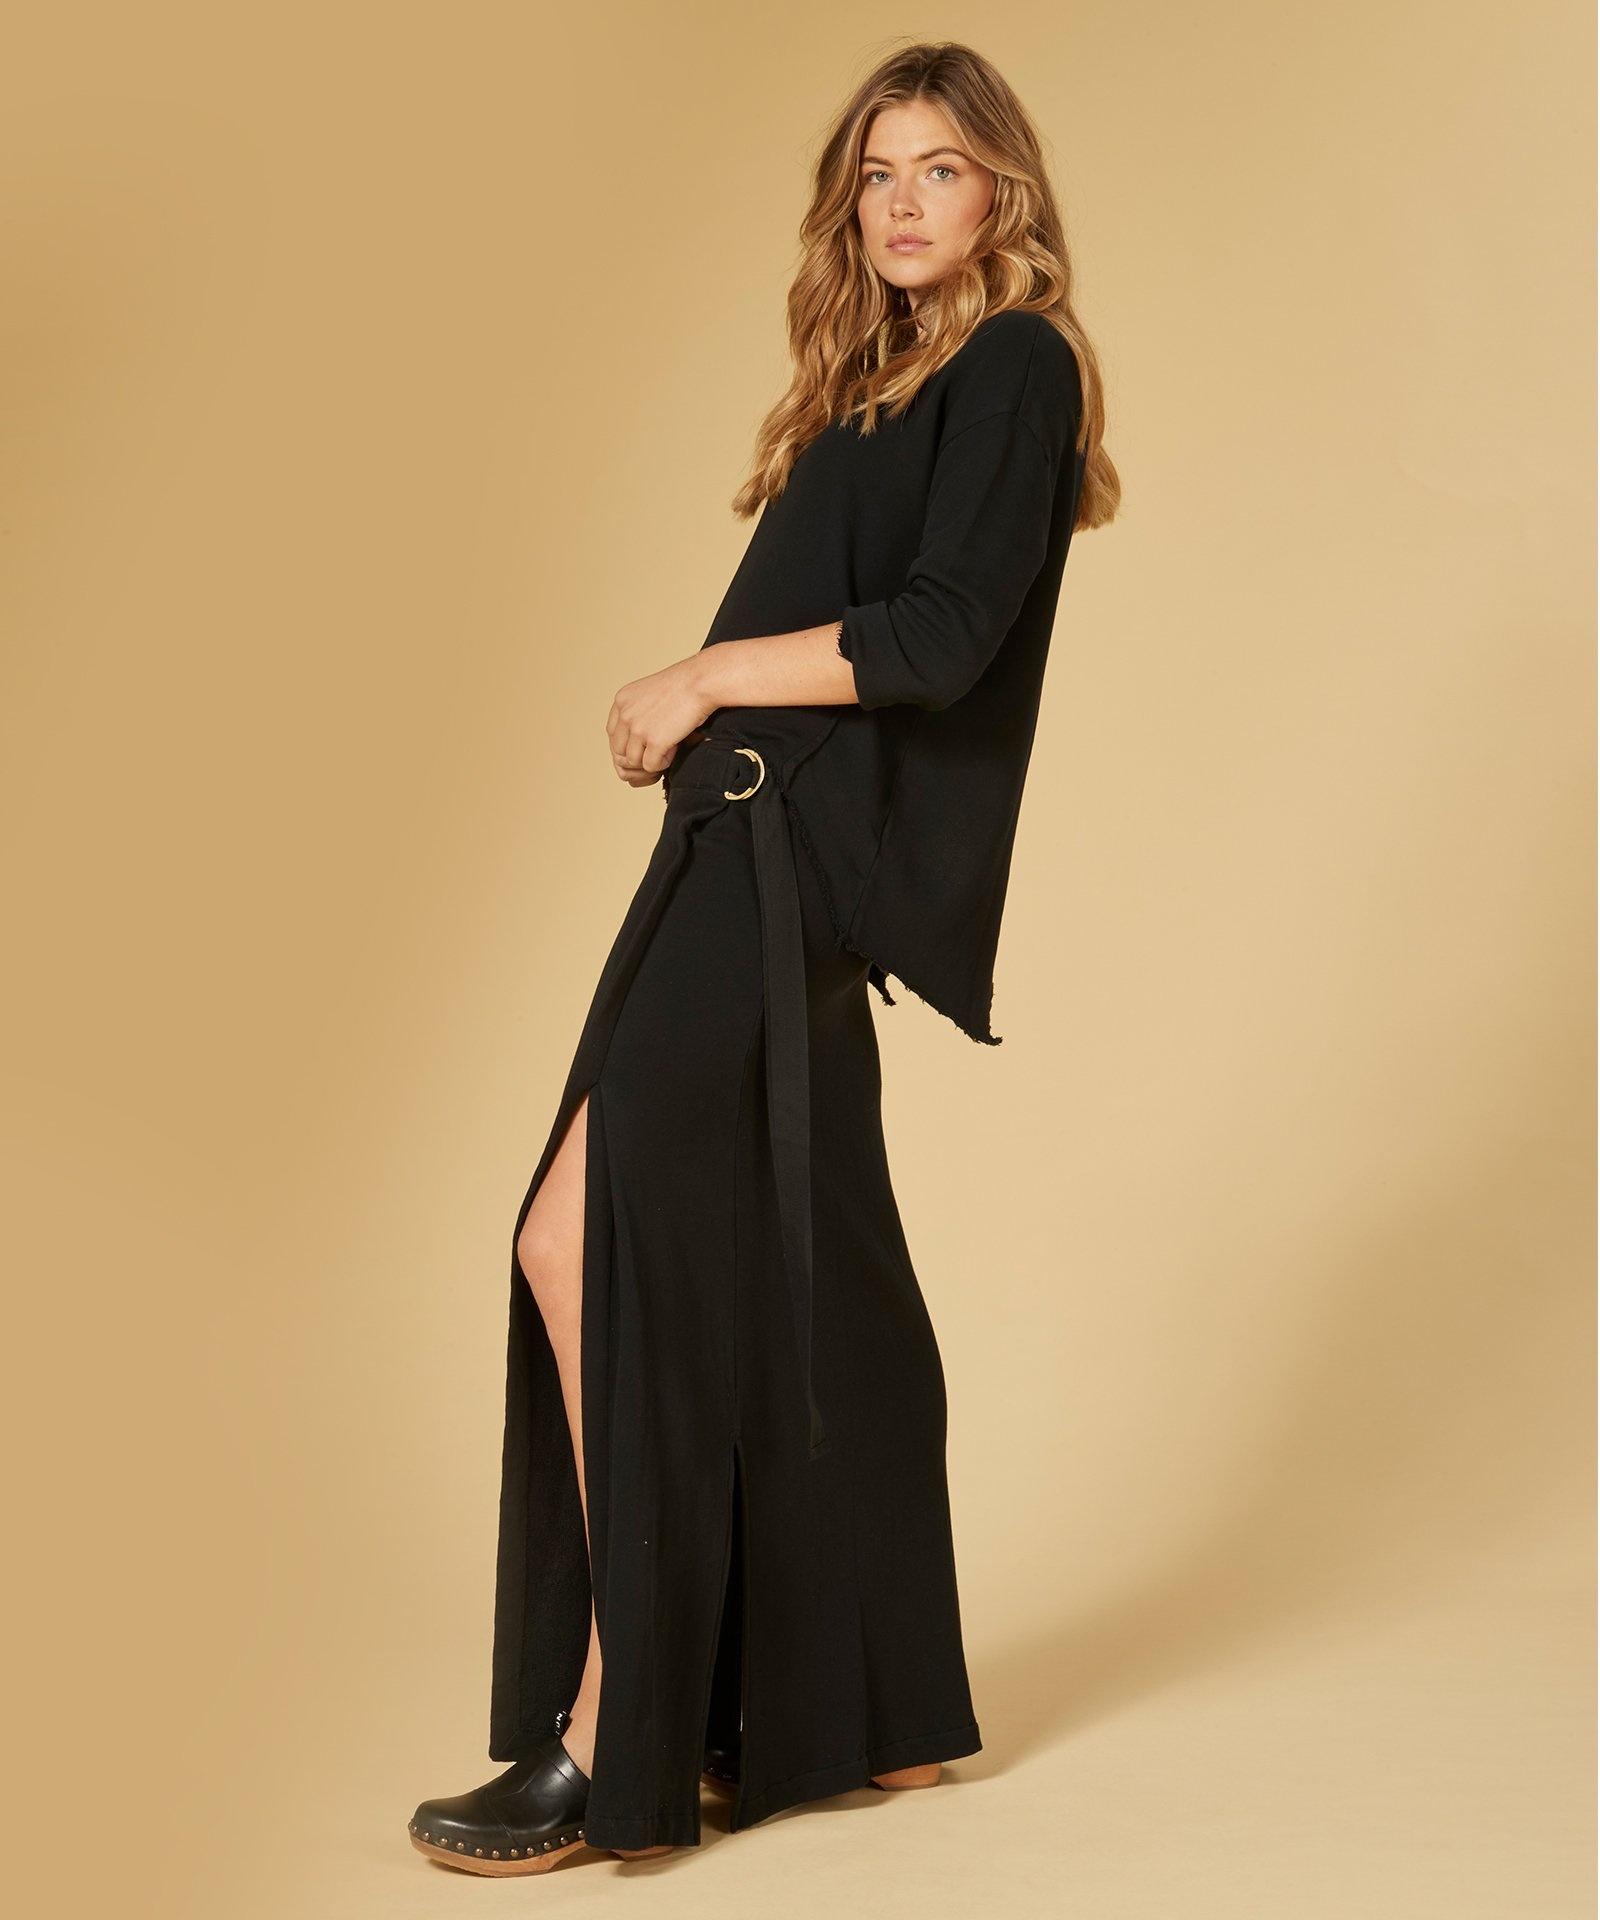 Rok belted long skirt black-7